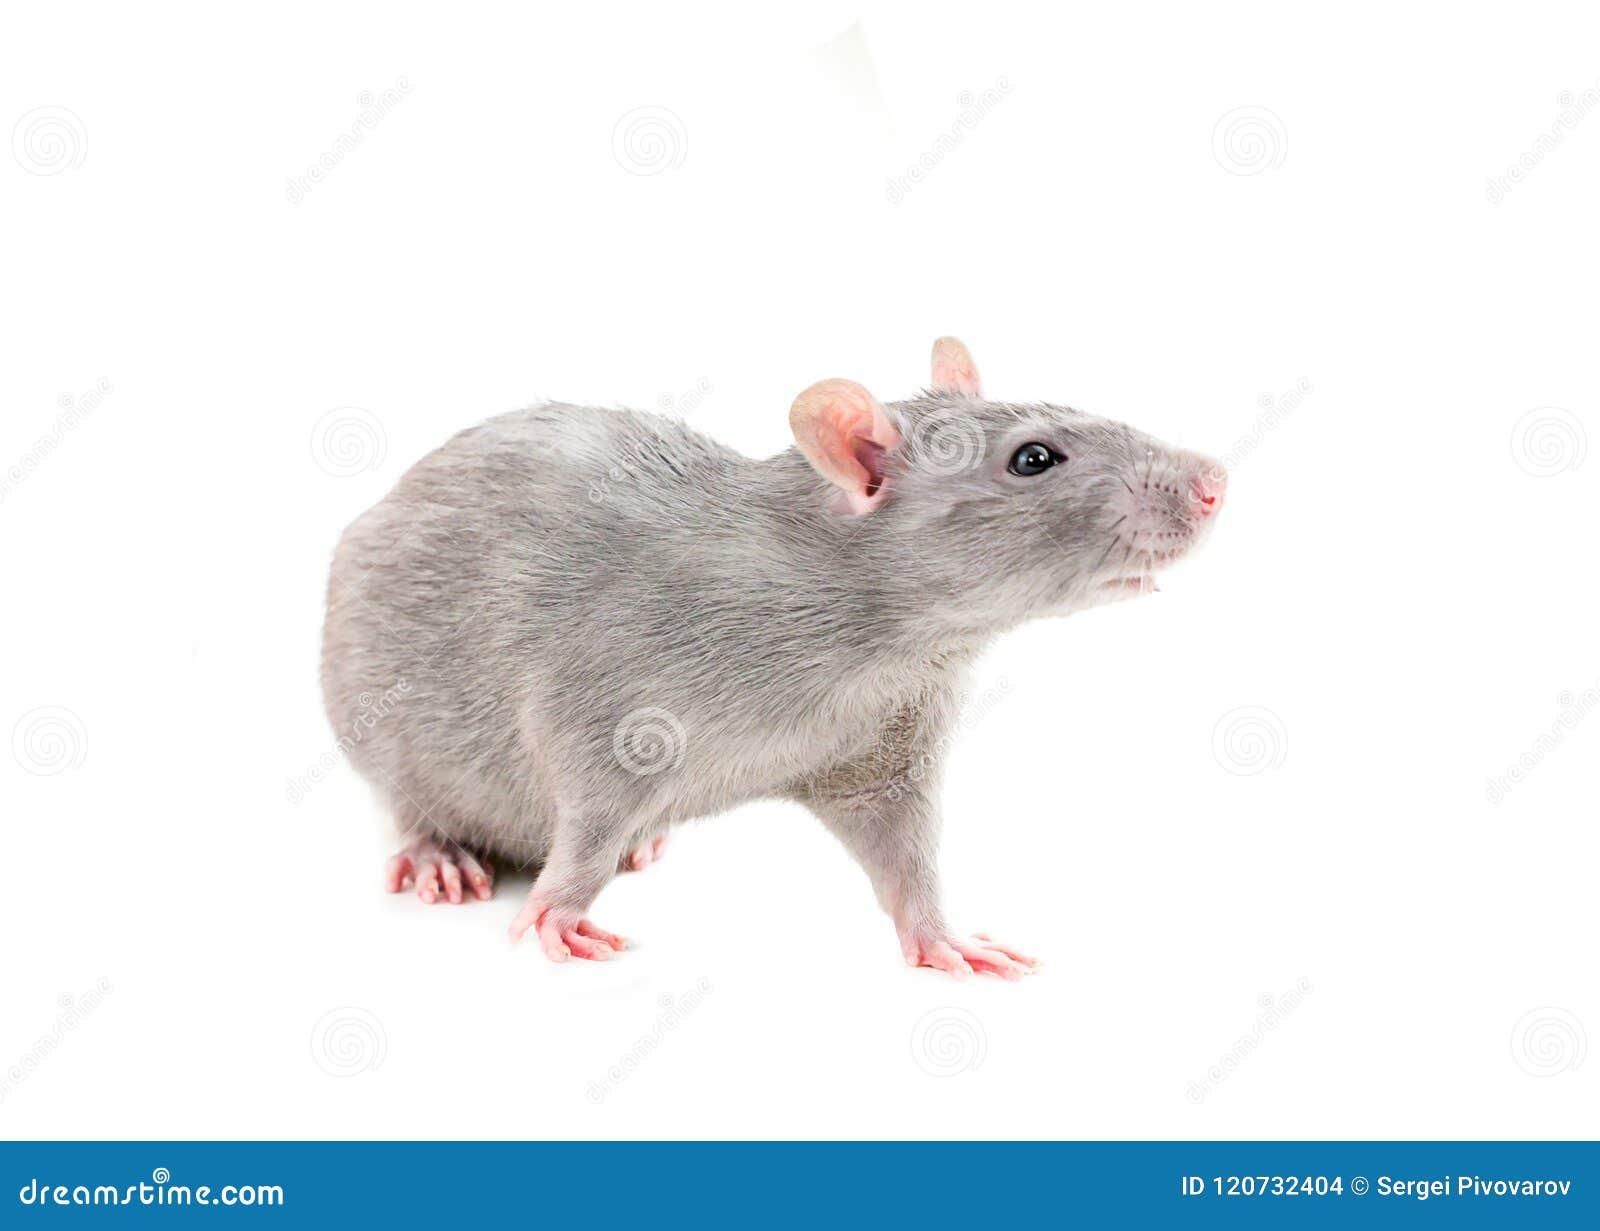 Młodych szarych szczurów figlarnie młody żwawy na białego odosobnionego tła pięknym hobby dla dzieci odpowiedzialnych dla zwierzę